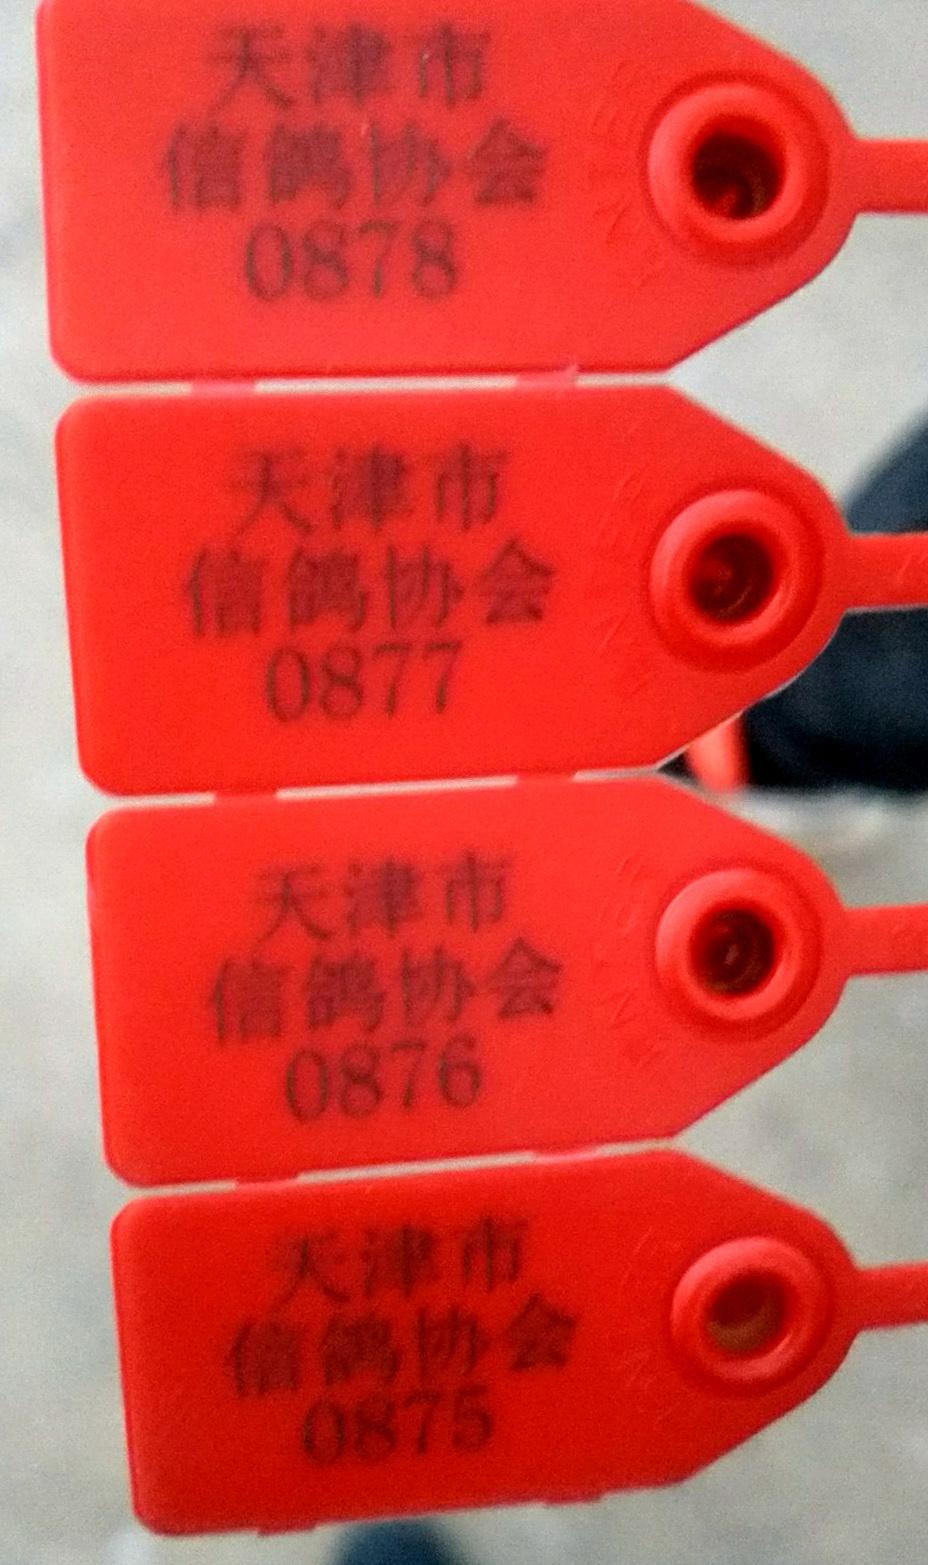 7、天津市信鸽协会比赛专用铅封。